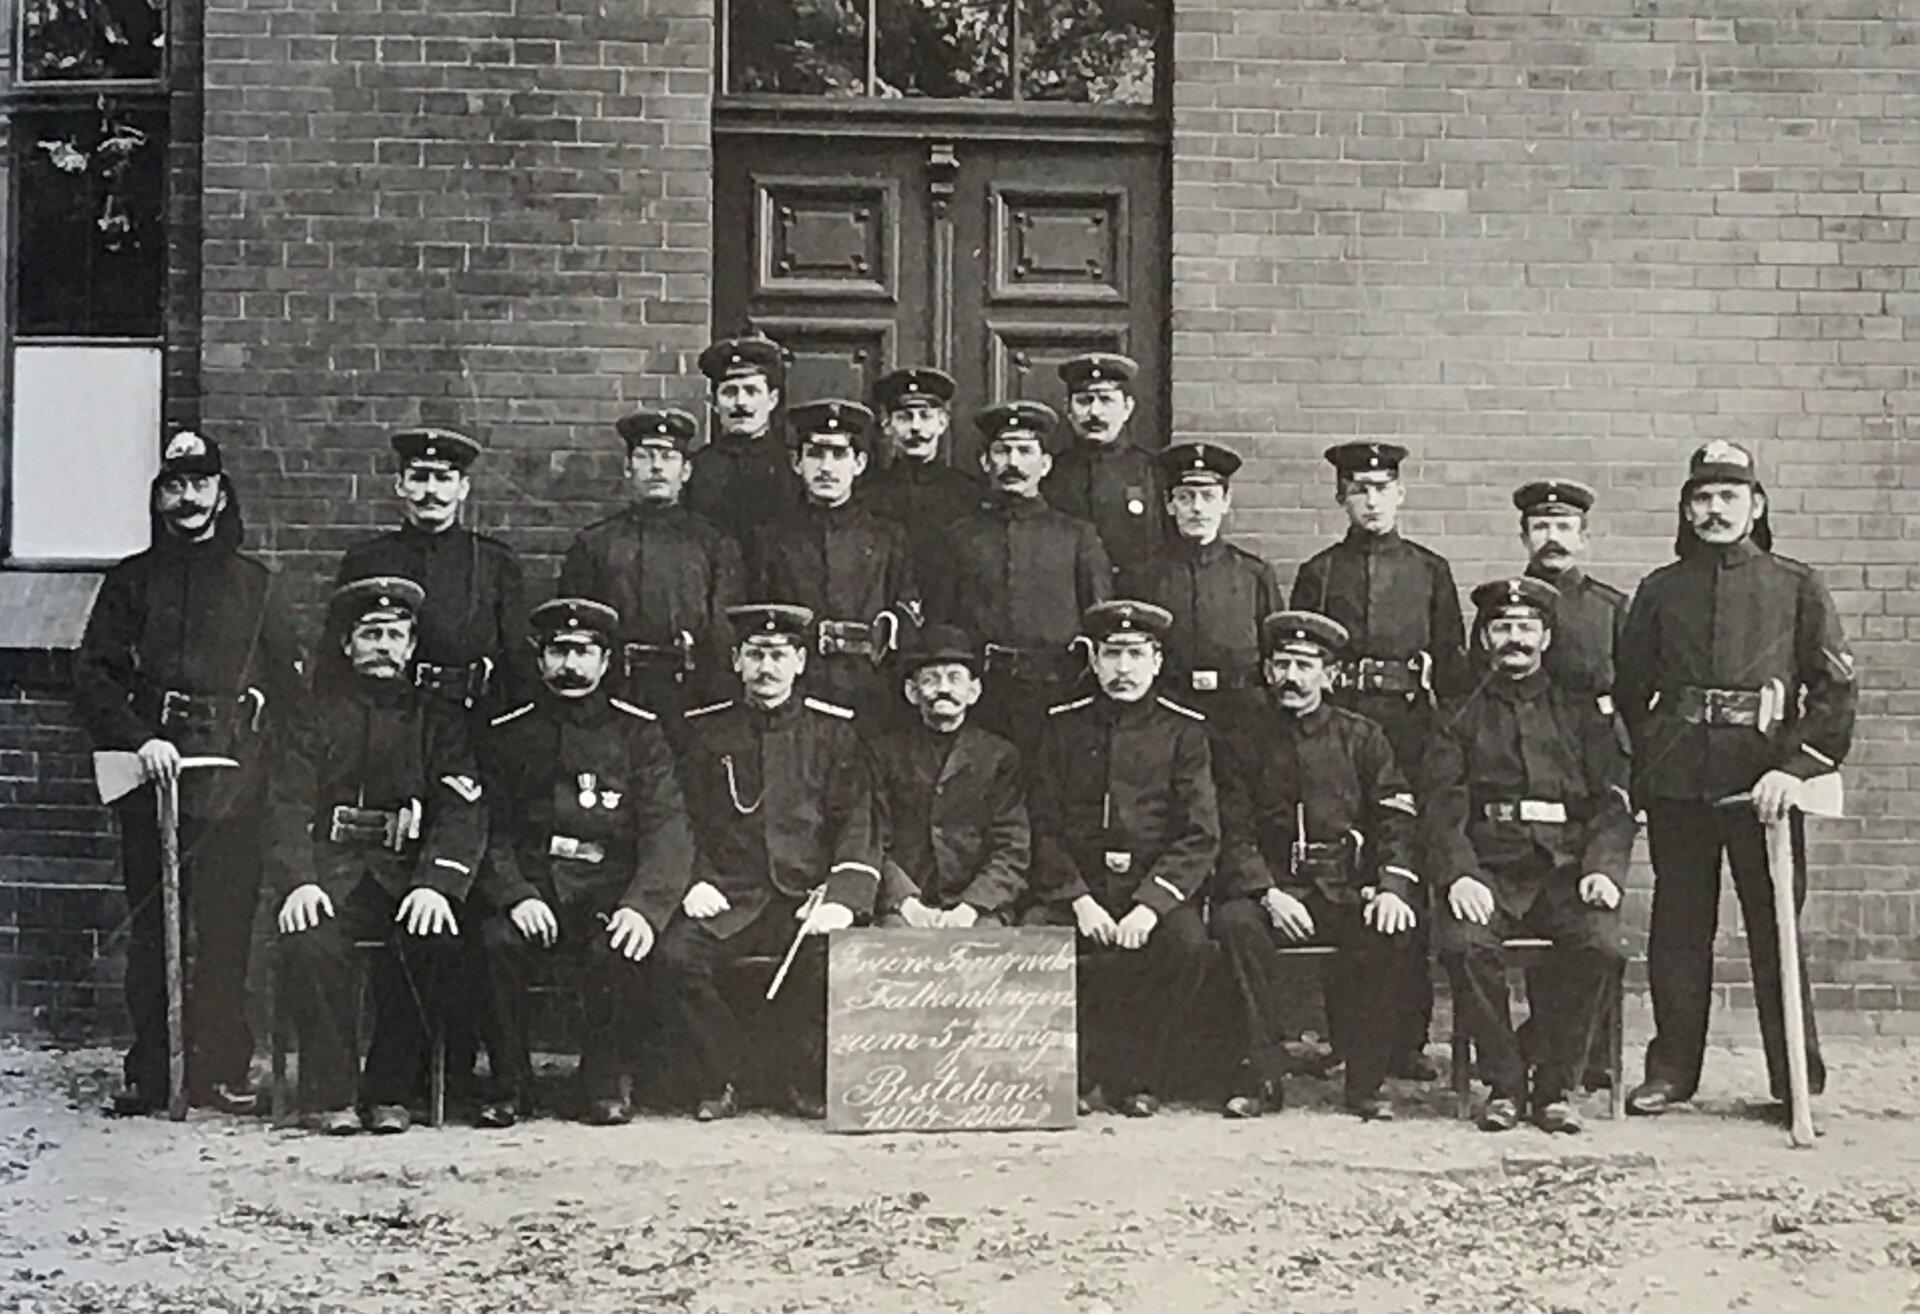 Unser Bild zeigt die Freiwillige Feuerwehr Falkenhagen (Quelle: Museum und Galerie Falkensee).